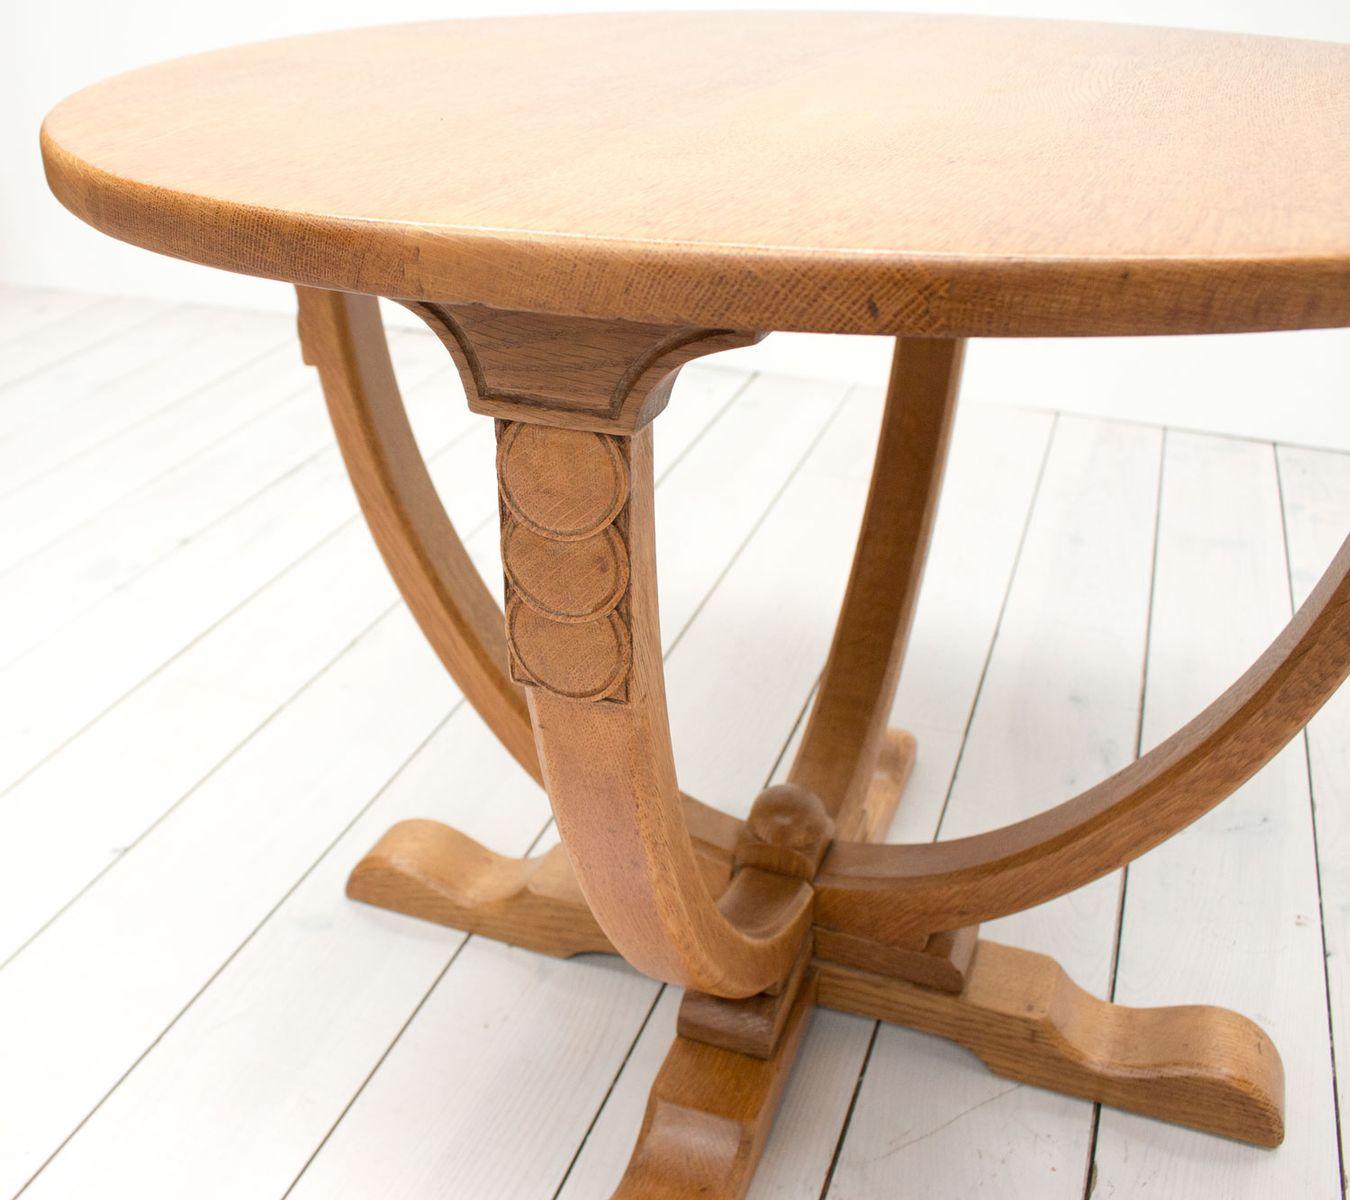 englischer eichenholz vintage art deco beistelltisch bei. Black Bedroom Furniture Sets. Home Design Ideas